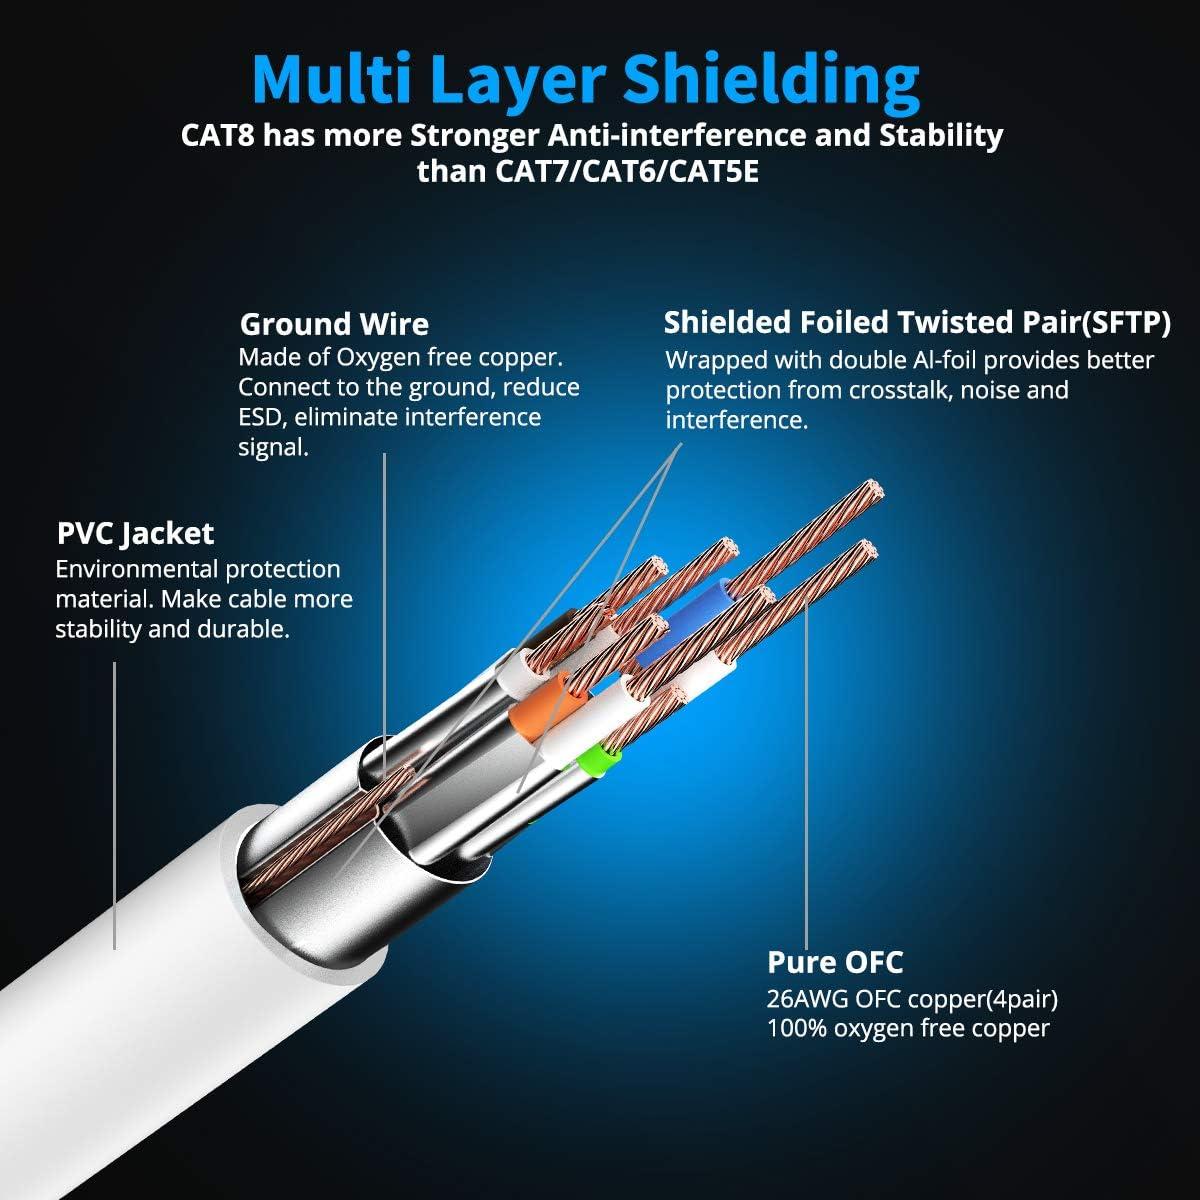 0,25m Schwarz x 3 St/ück KASIMO Cat8 Netzwerkkabel 40Gbps Lankabel superschnell flexibel und robust mit vergoldetem RJ45